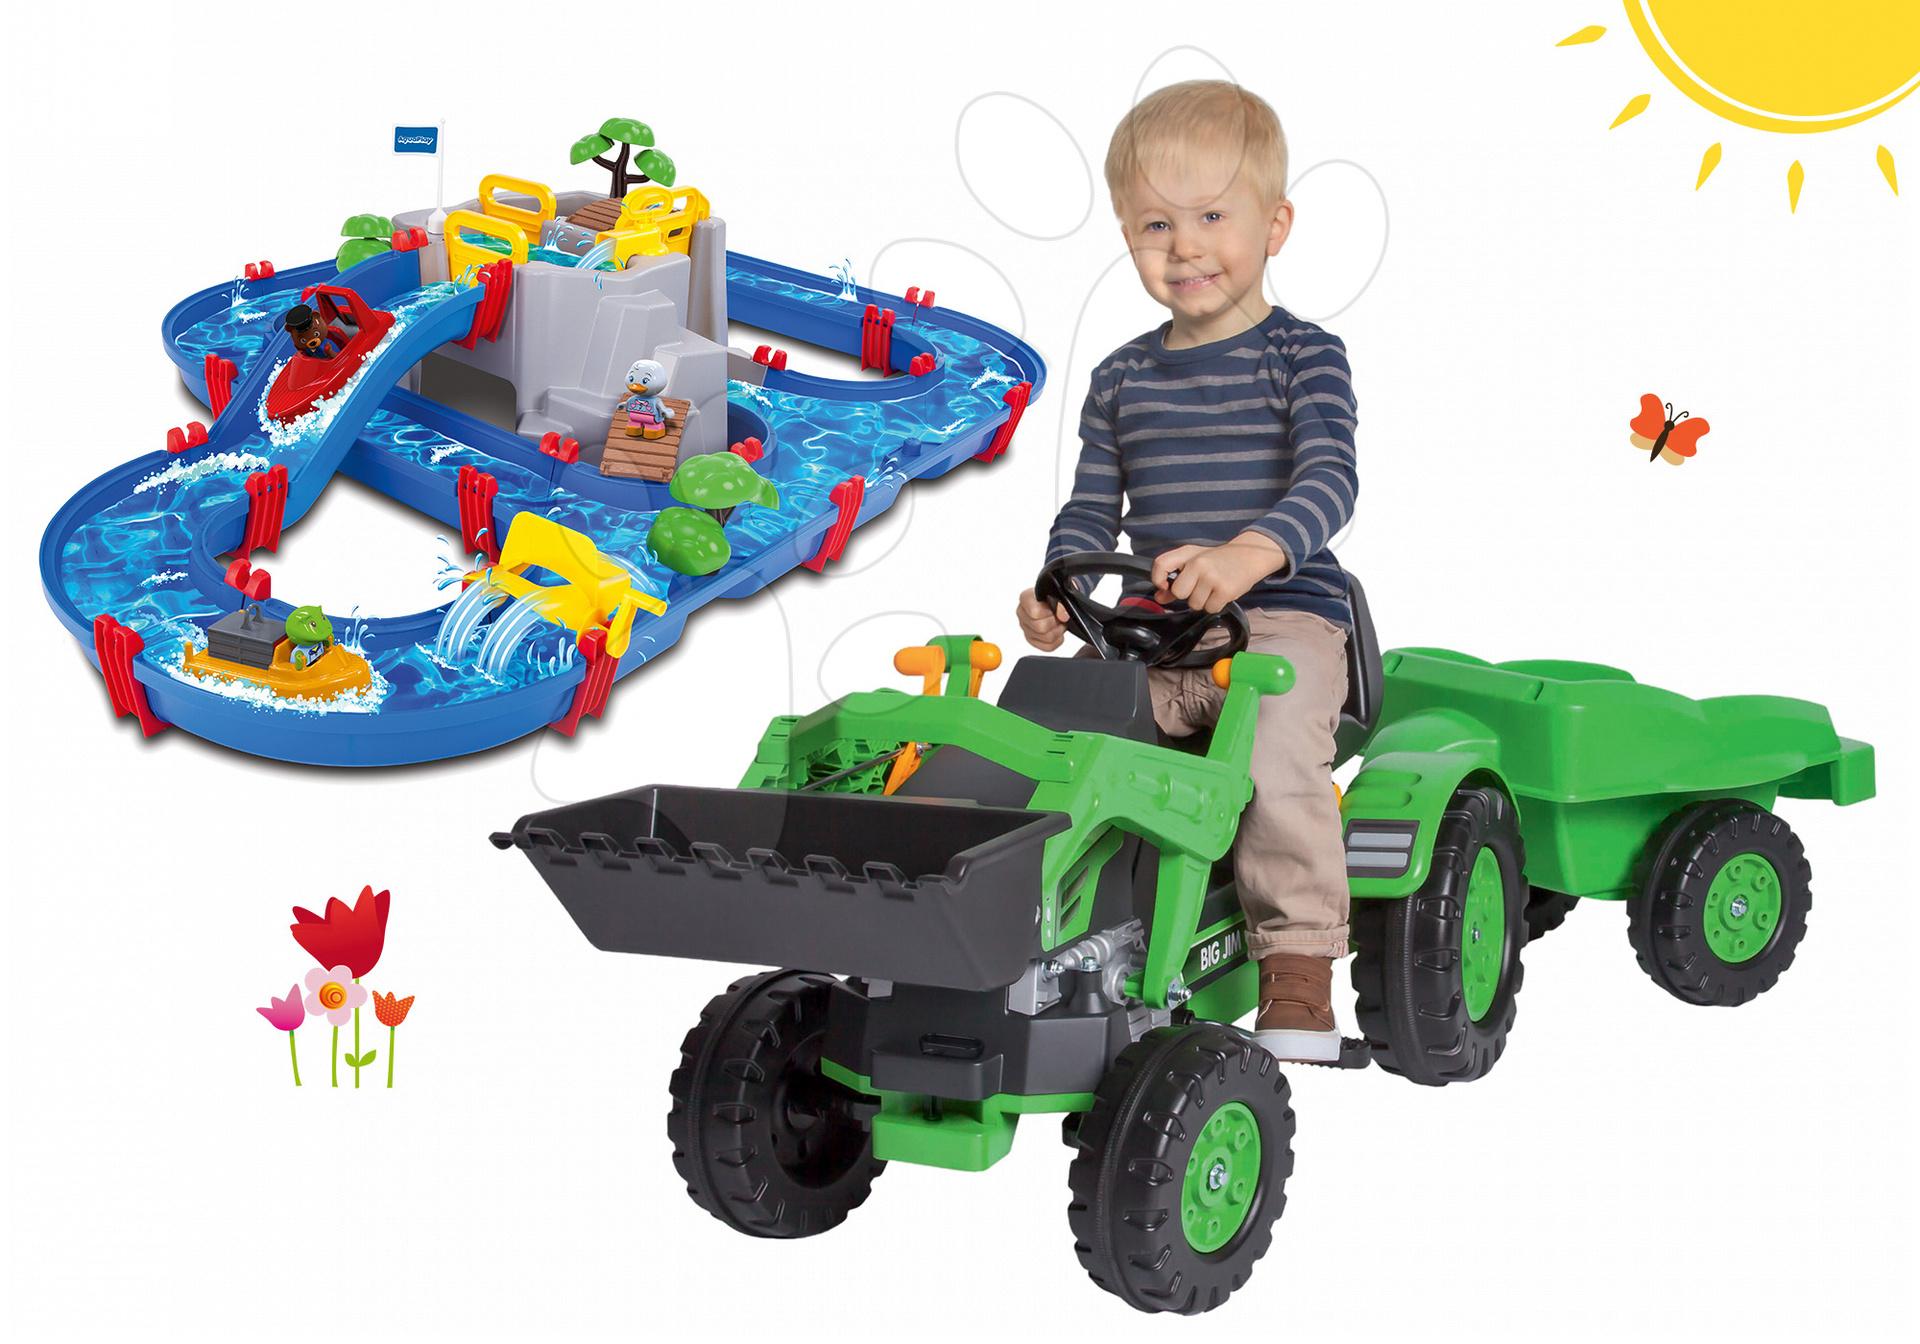 Set traktor na šlapání Jim Loader BIG s nakladačem a přívěsem a vodní dráha Mountain Lake